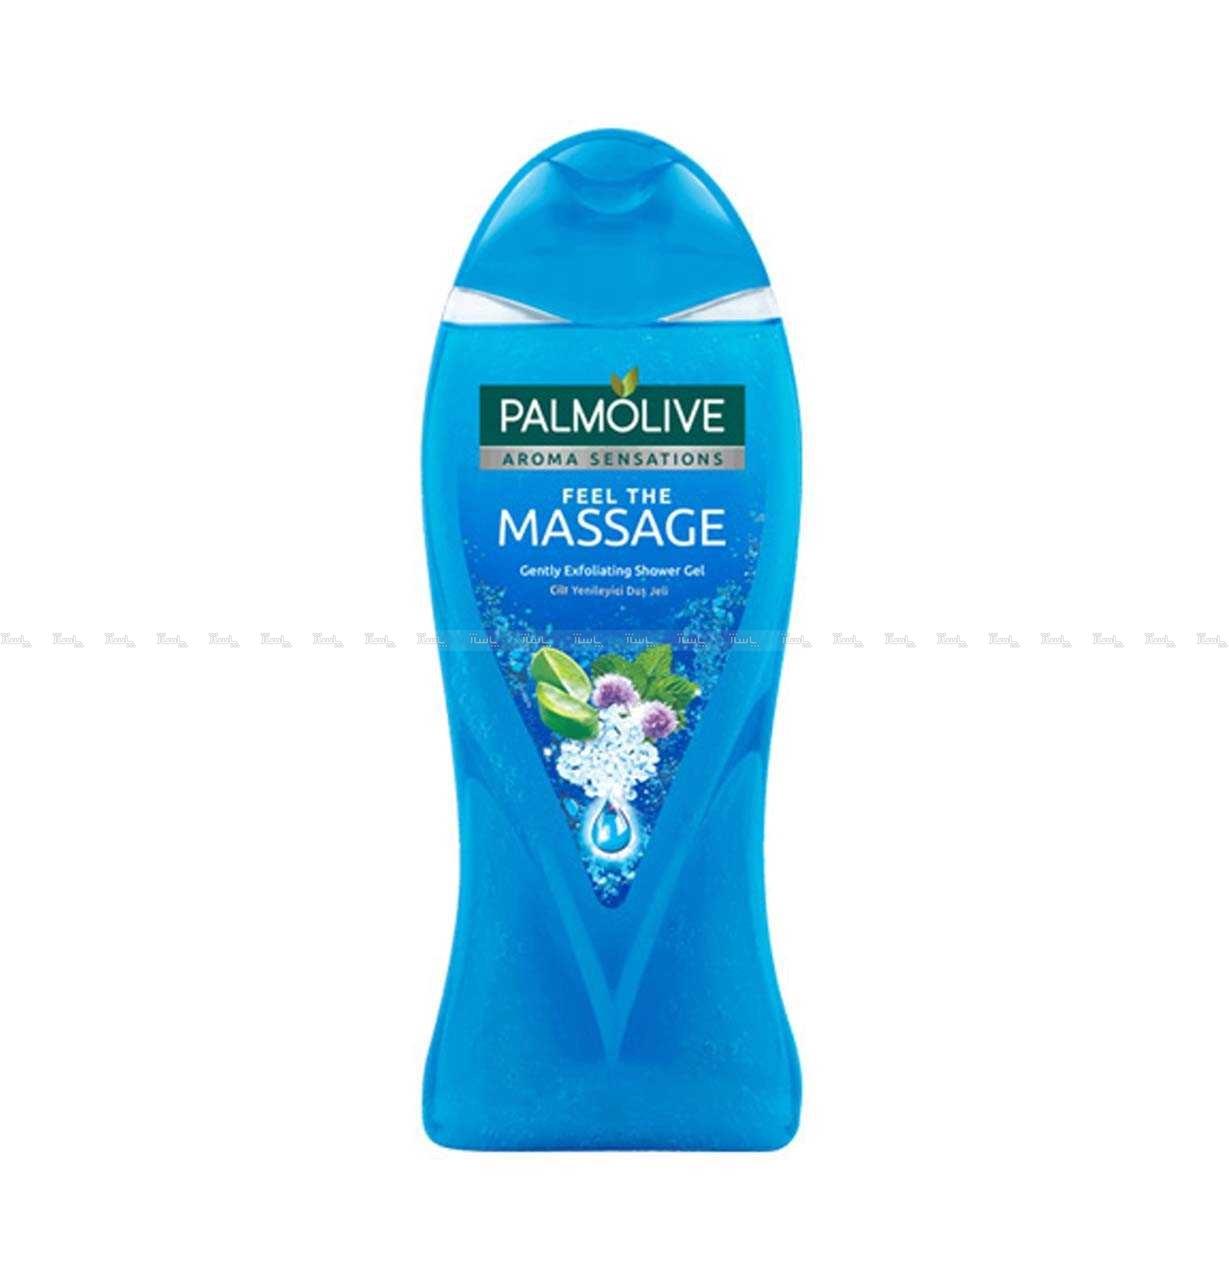 شامپو بدن مدل Massage پالمولیو Palmolive-تصویر اصلی